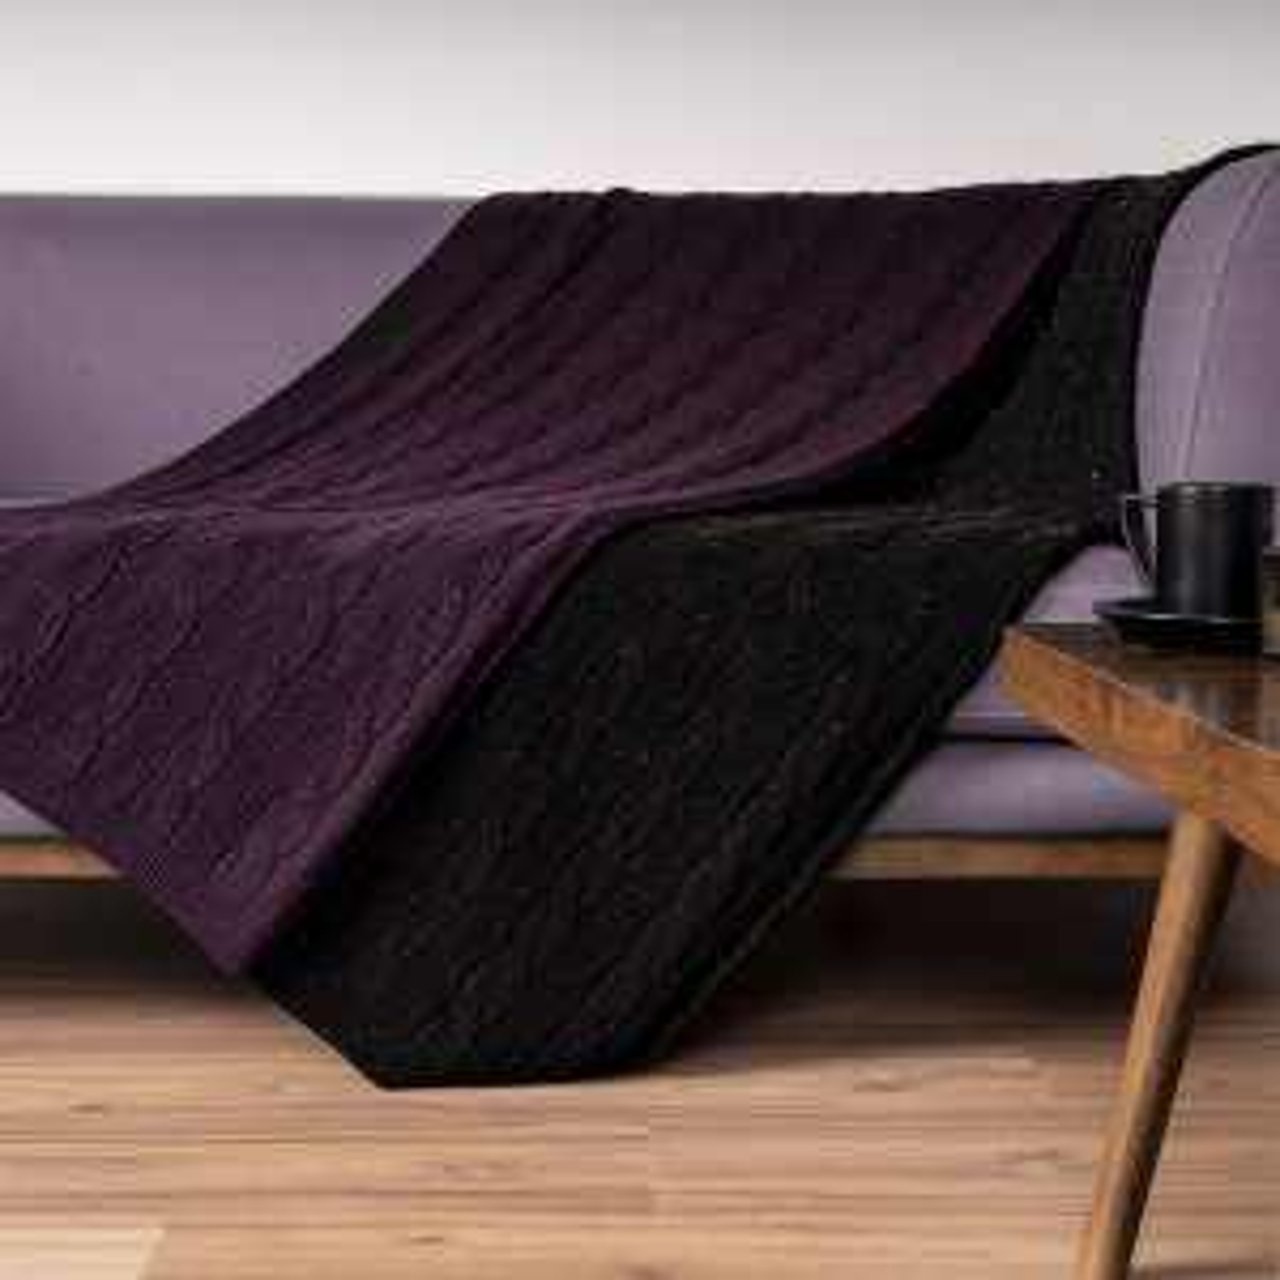 شال مبل مدل درخشان سایز 130x200 سانتیمتر